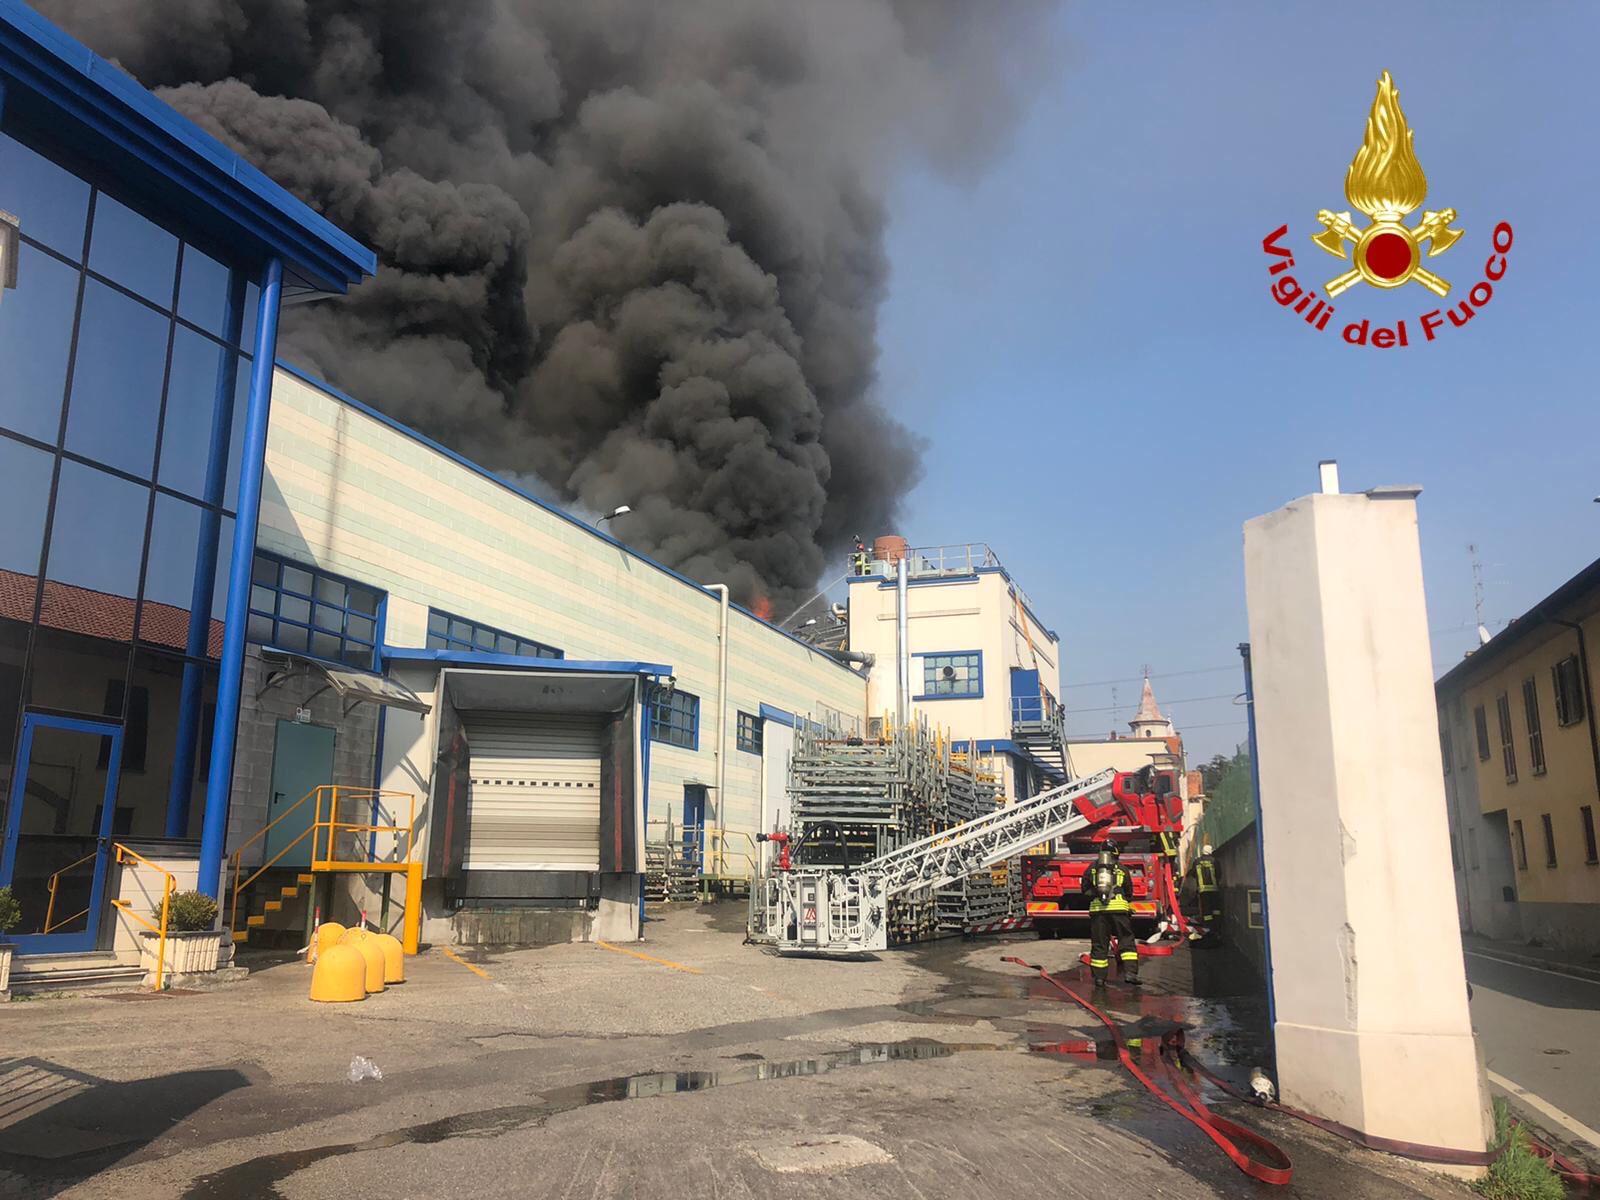 L'incendio nell'azienda di plastica a Gallarate